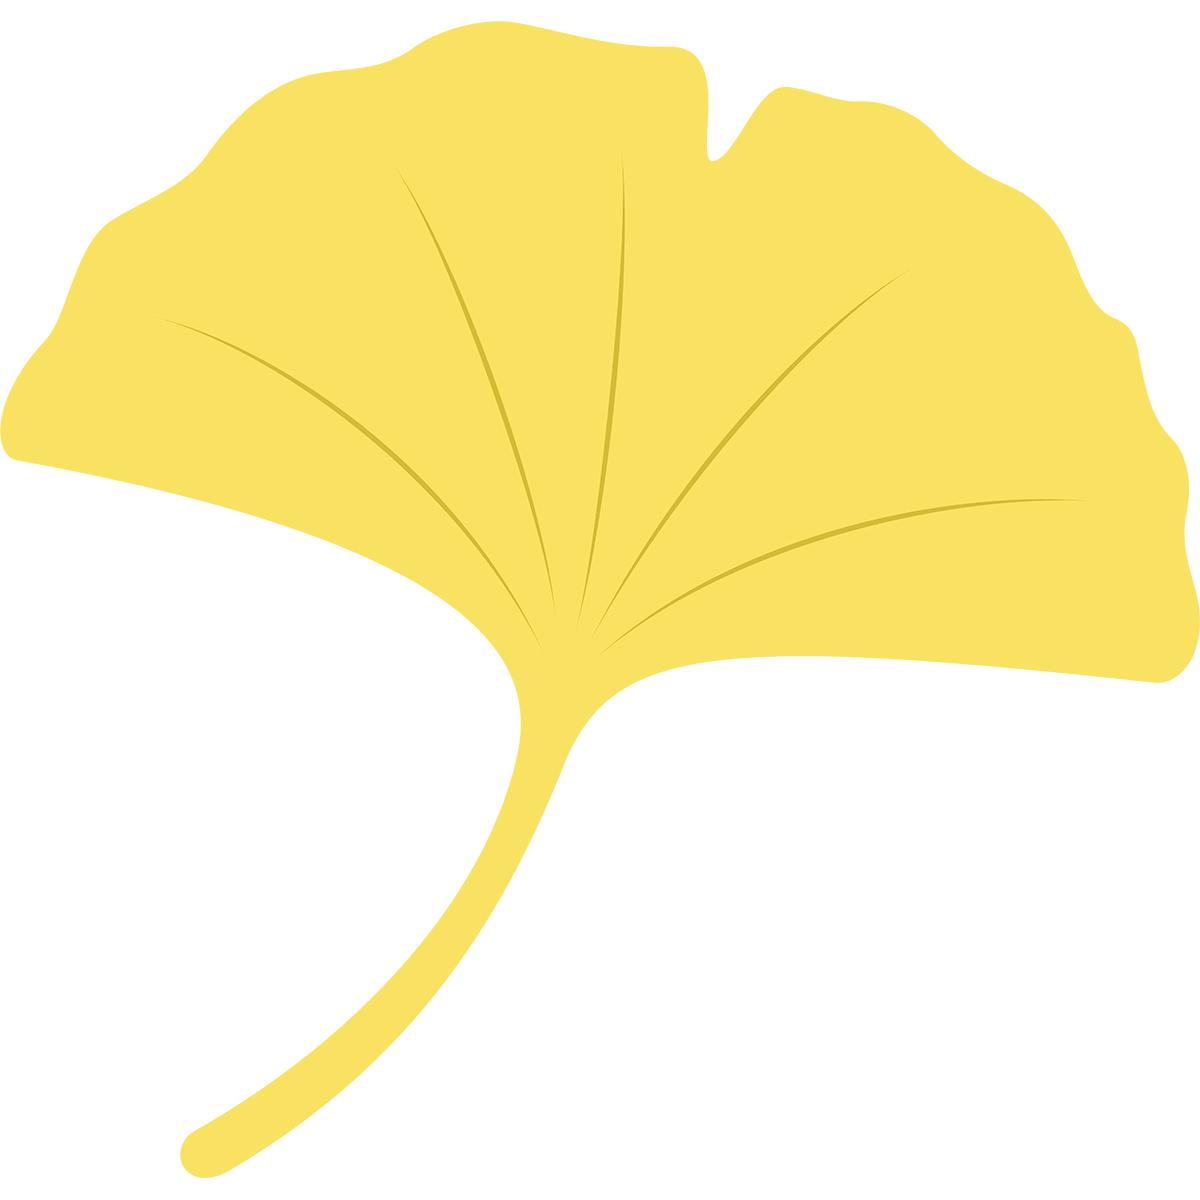 黄色いイチョウの葉の無料イラスト